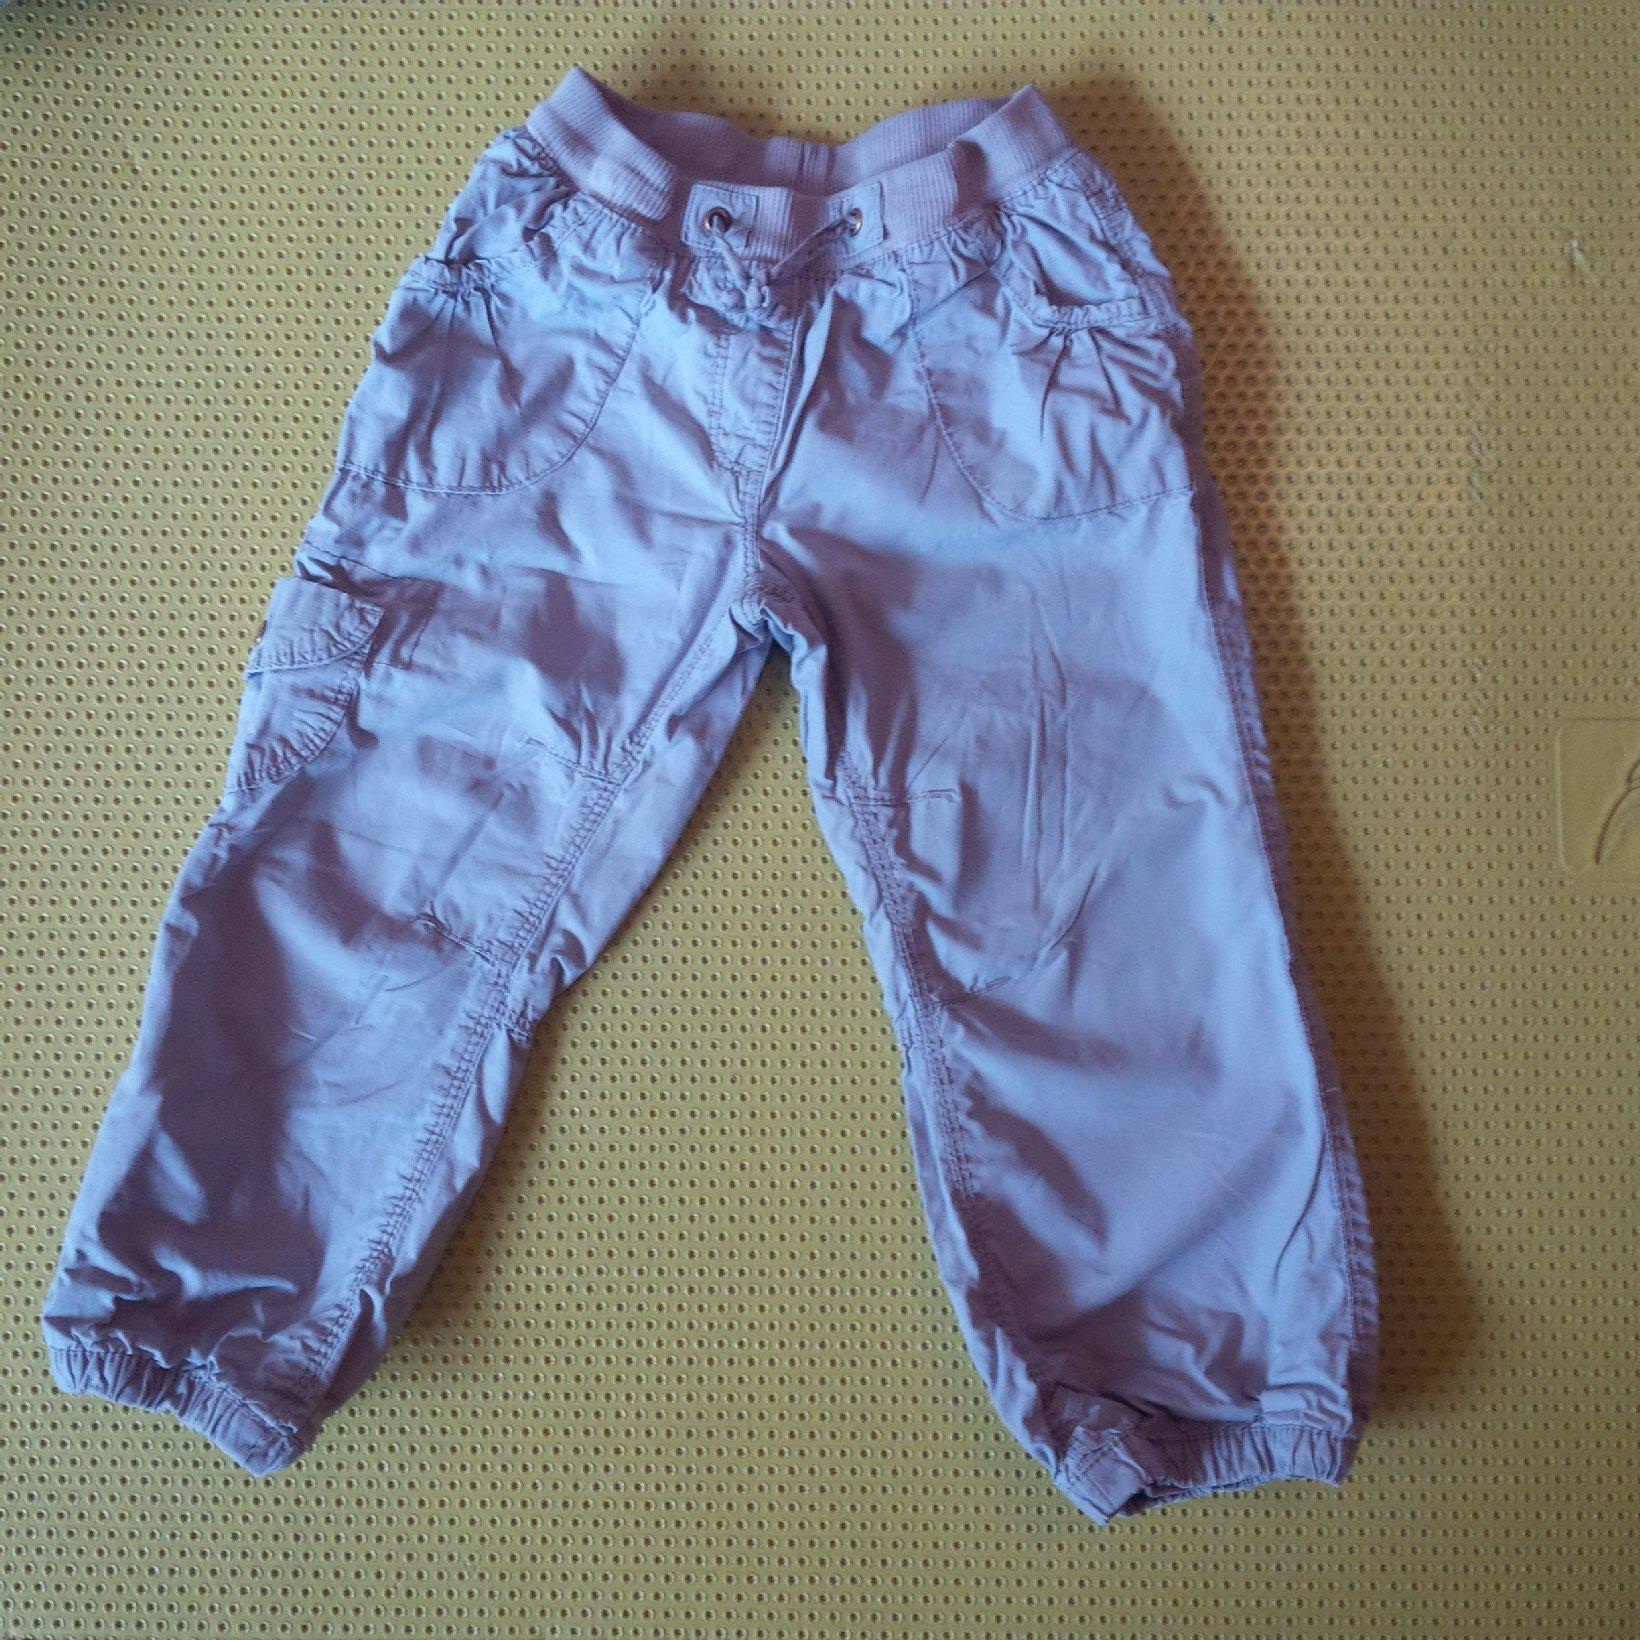 troc de troc pantalon fille 3 ans image 0